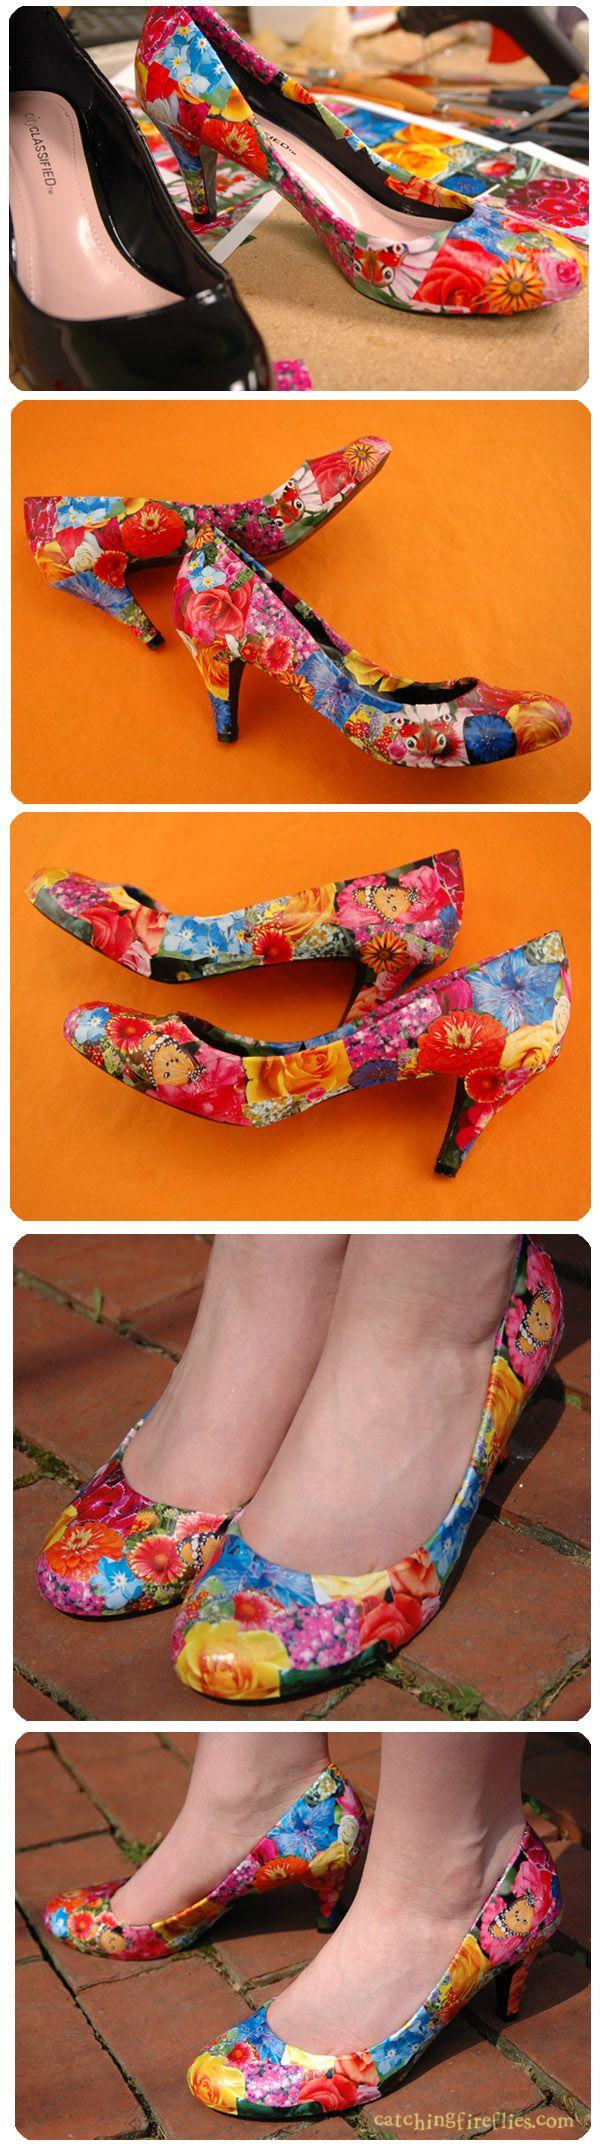 fleurige schoenen